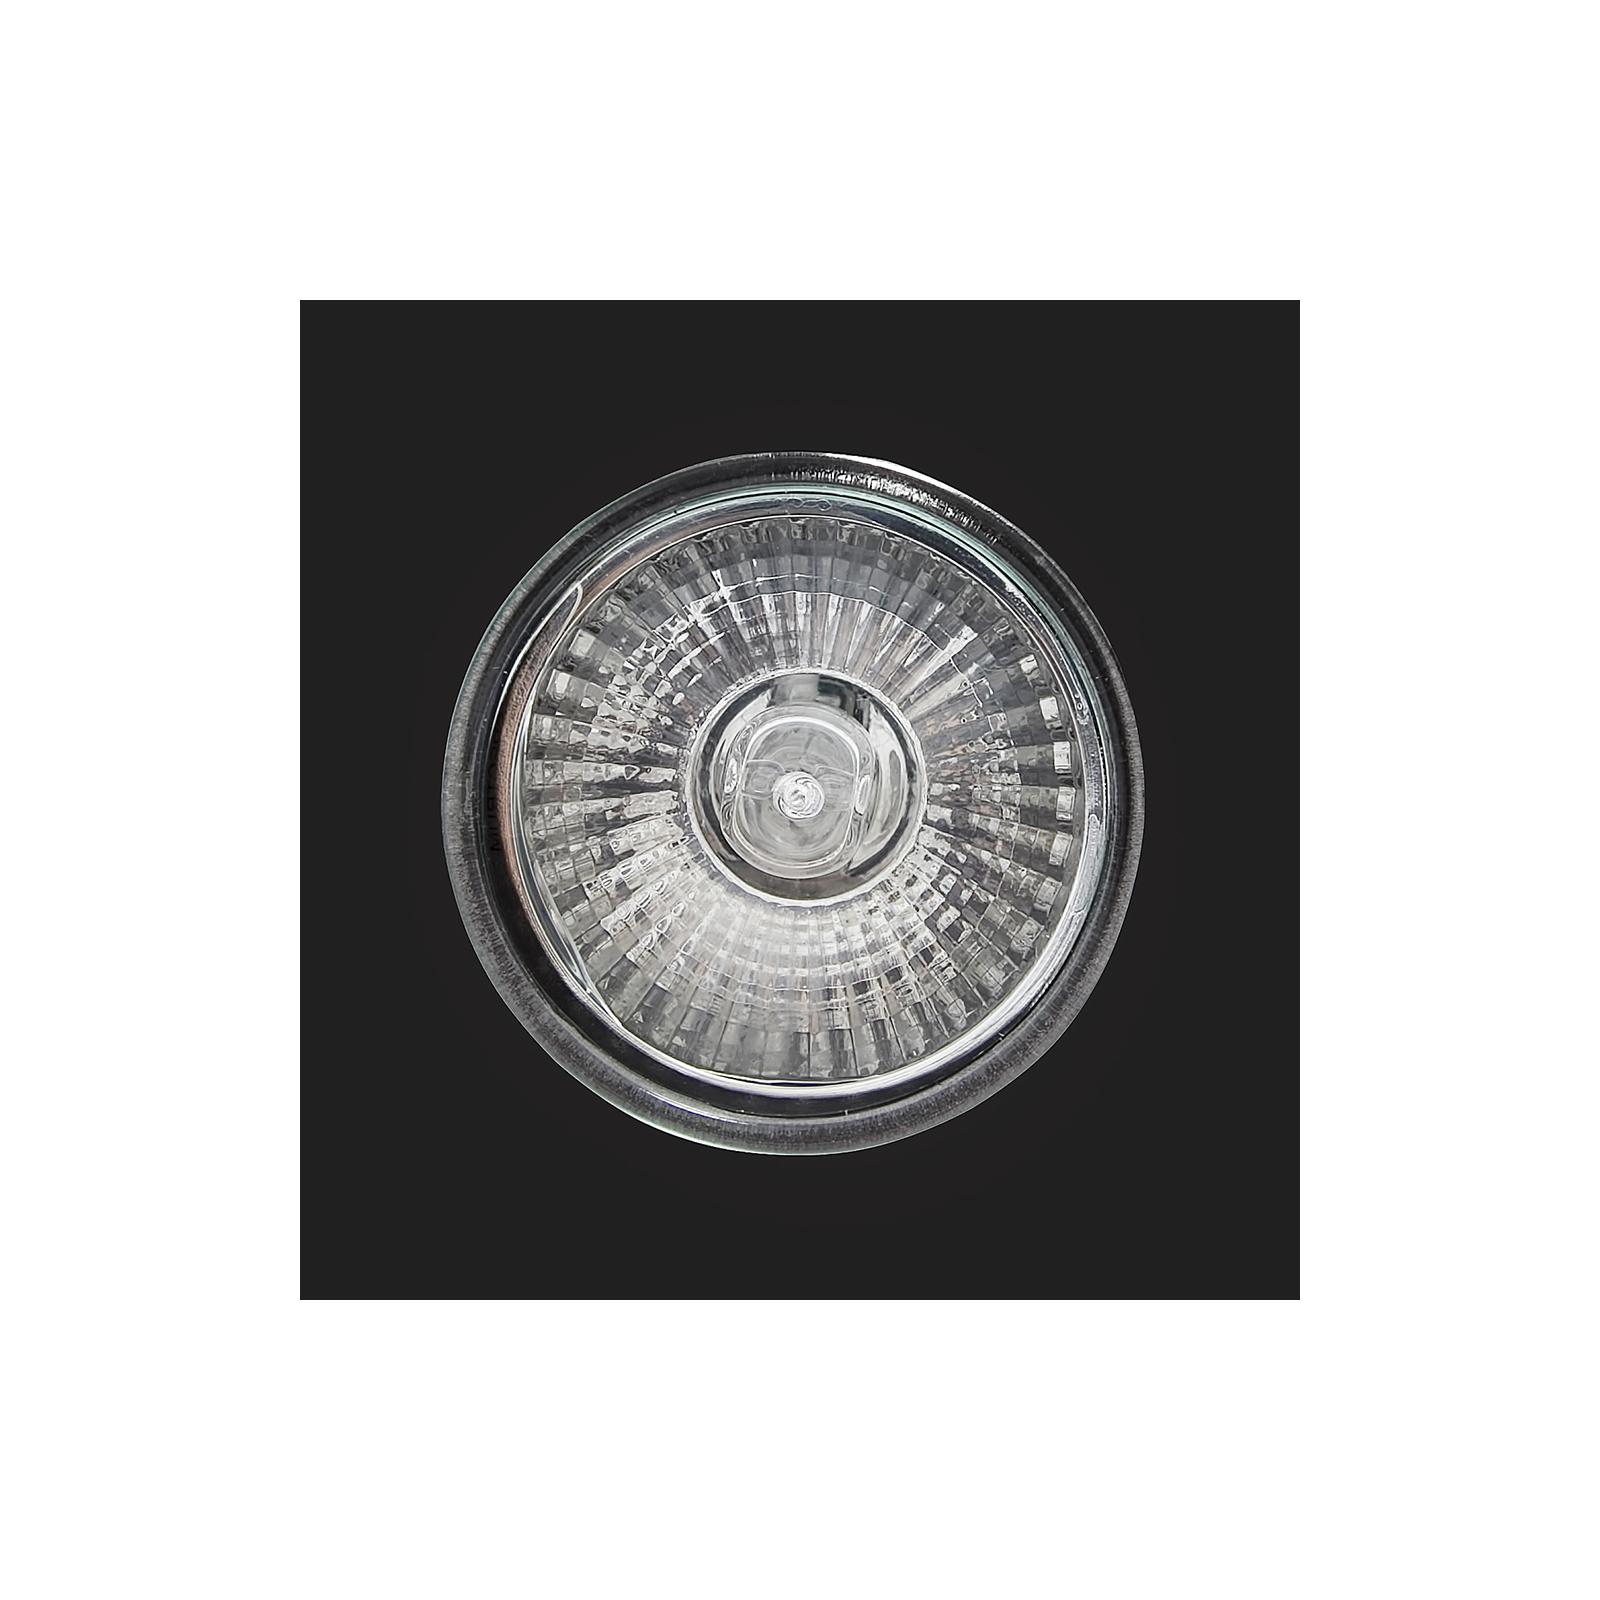 Вытяжка кухонная Perfelli K 615 BL Retro изображение 6